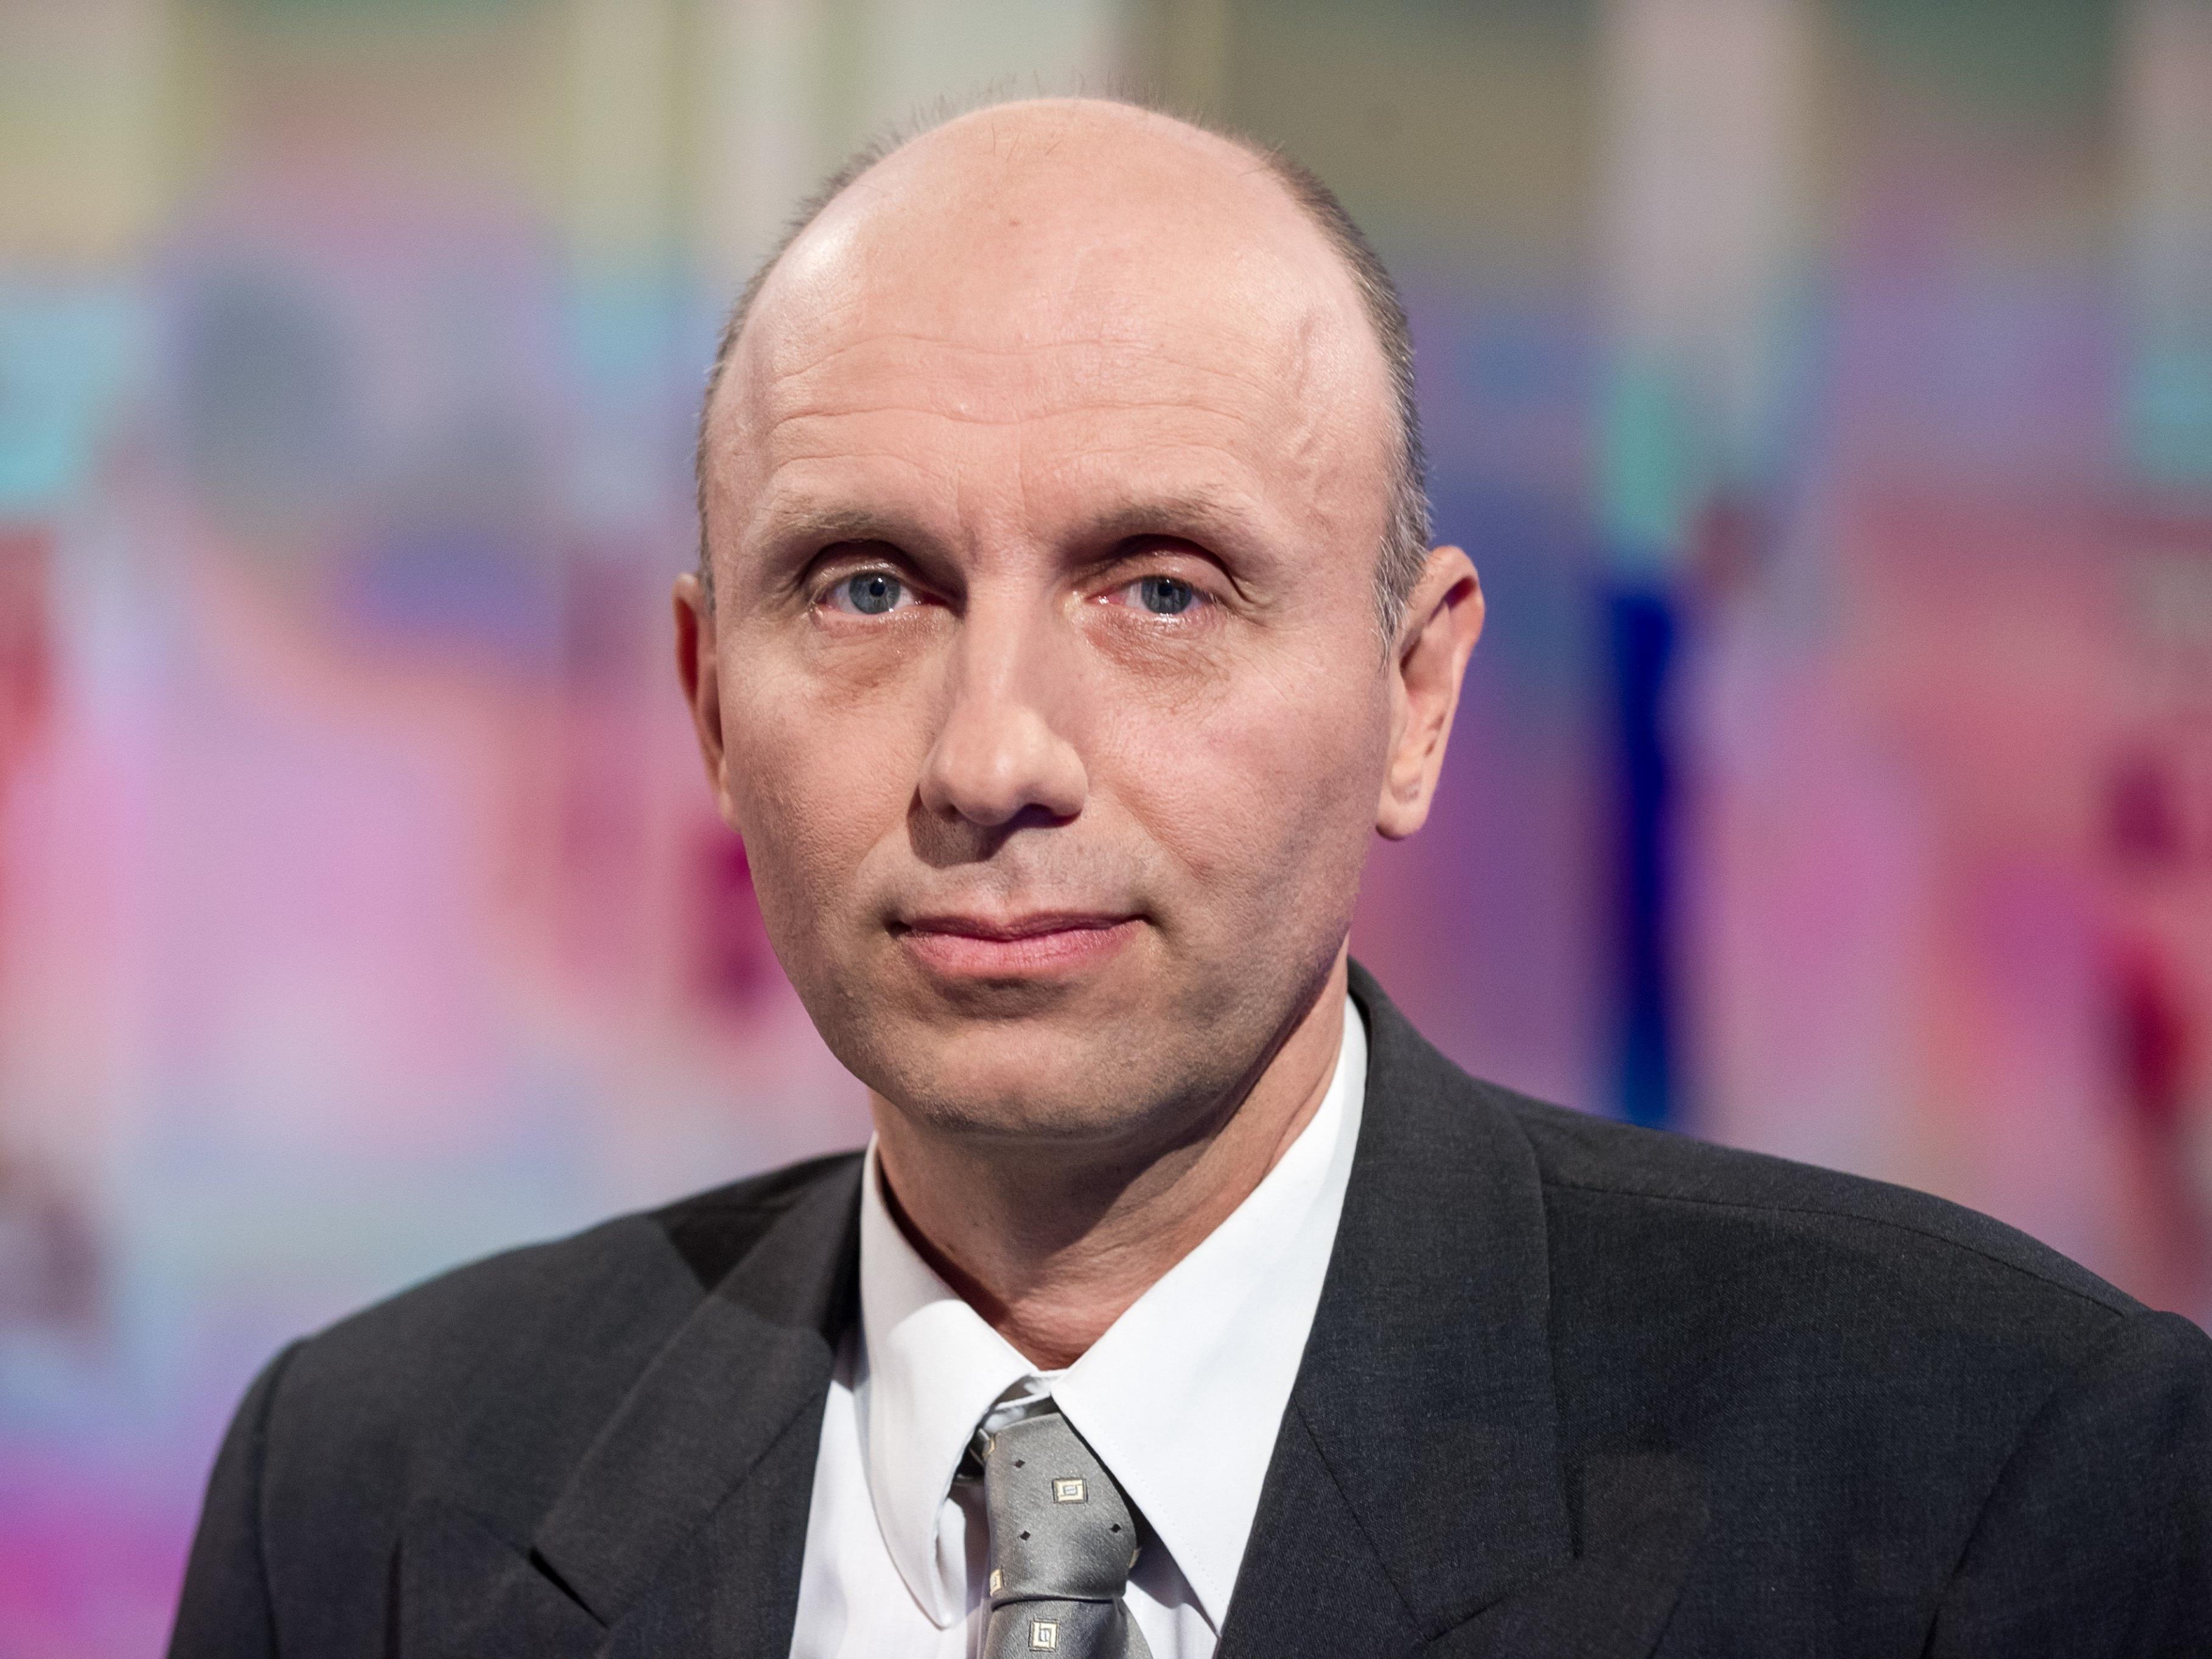 Die EU-Austrittspartei beeinsprucht das Wahlergebnis in der Leopoldstadt